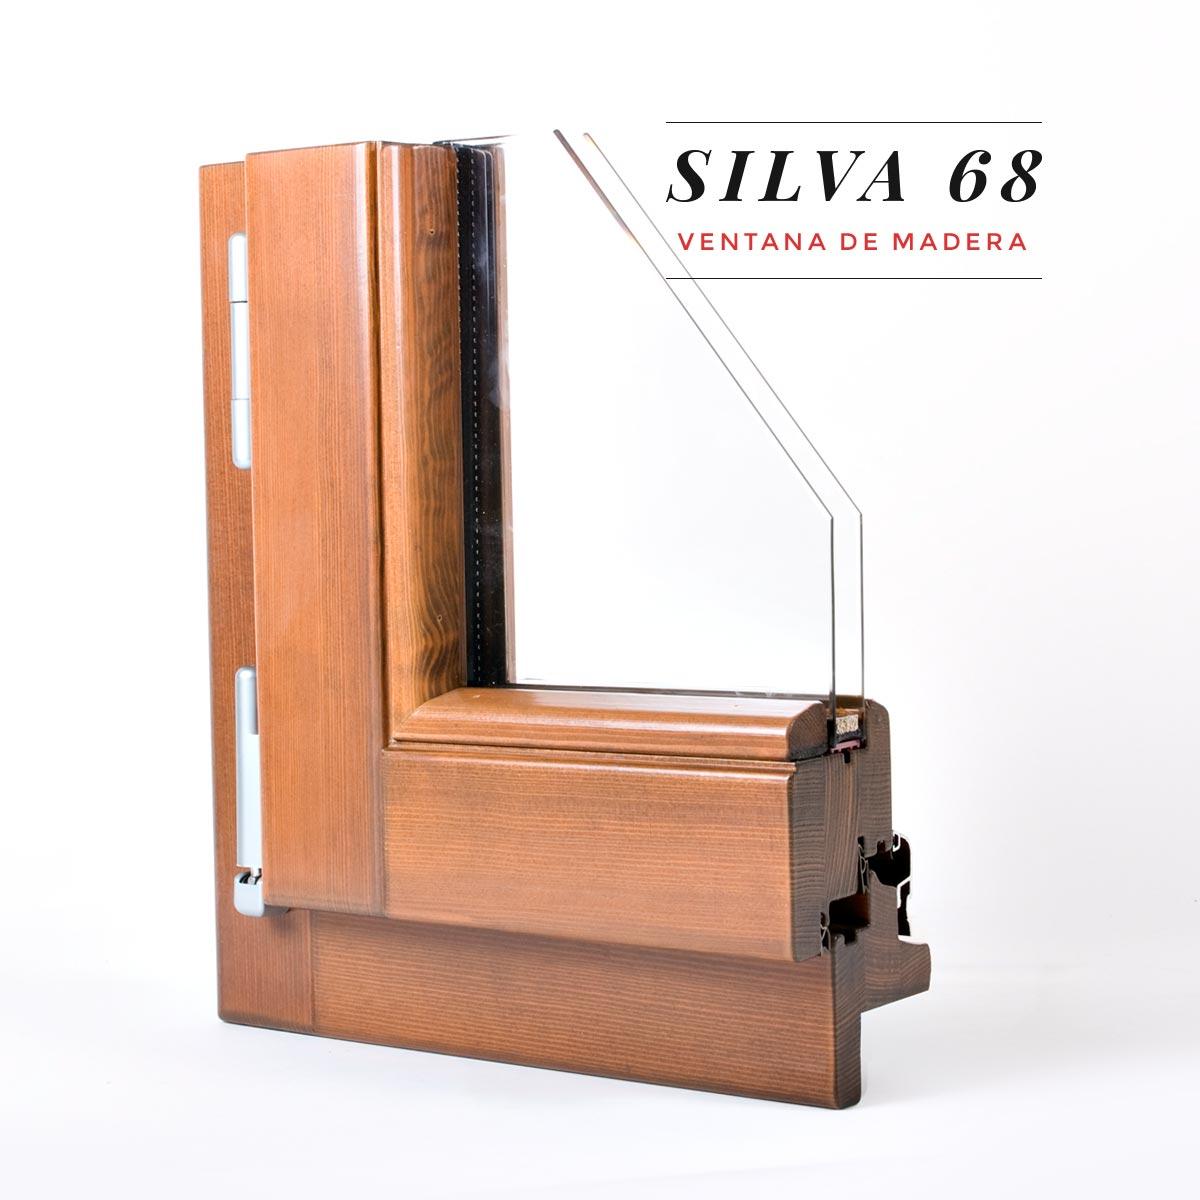 Finestra de fusta Silva 68 - Aïllament tèrmic- Carreté Finestres